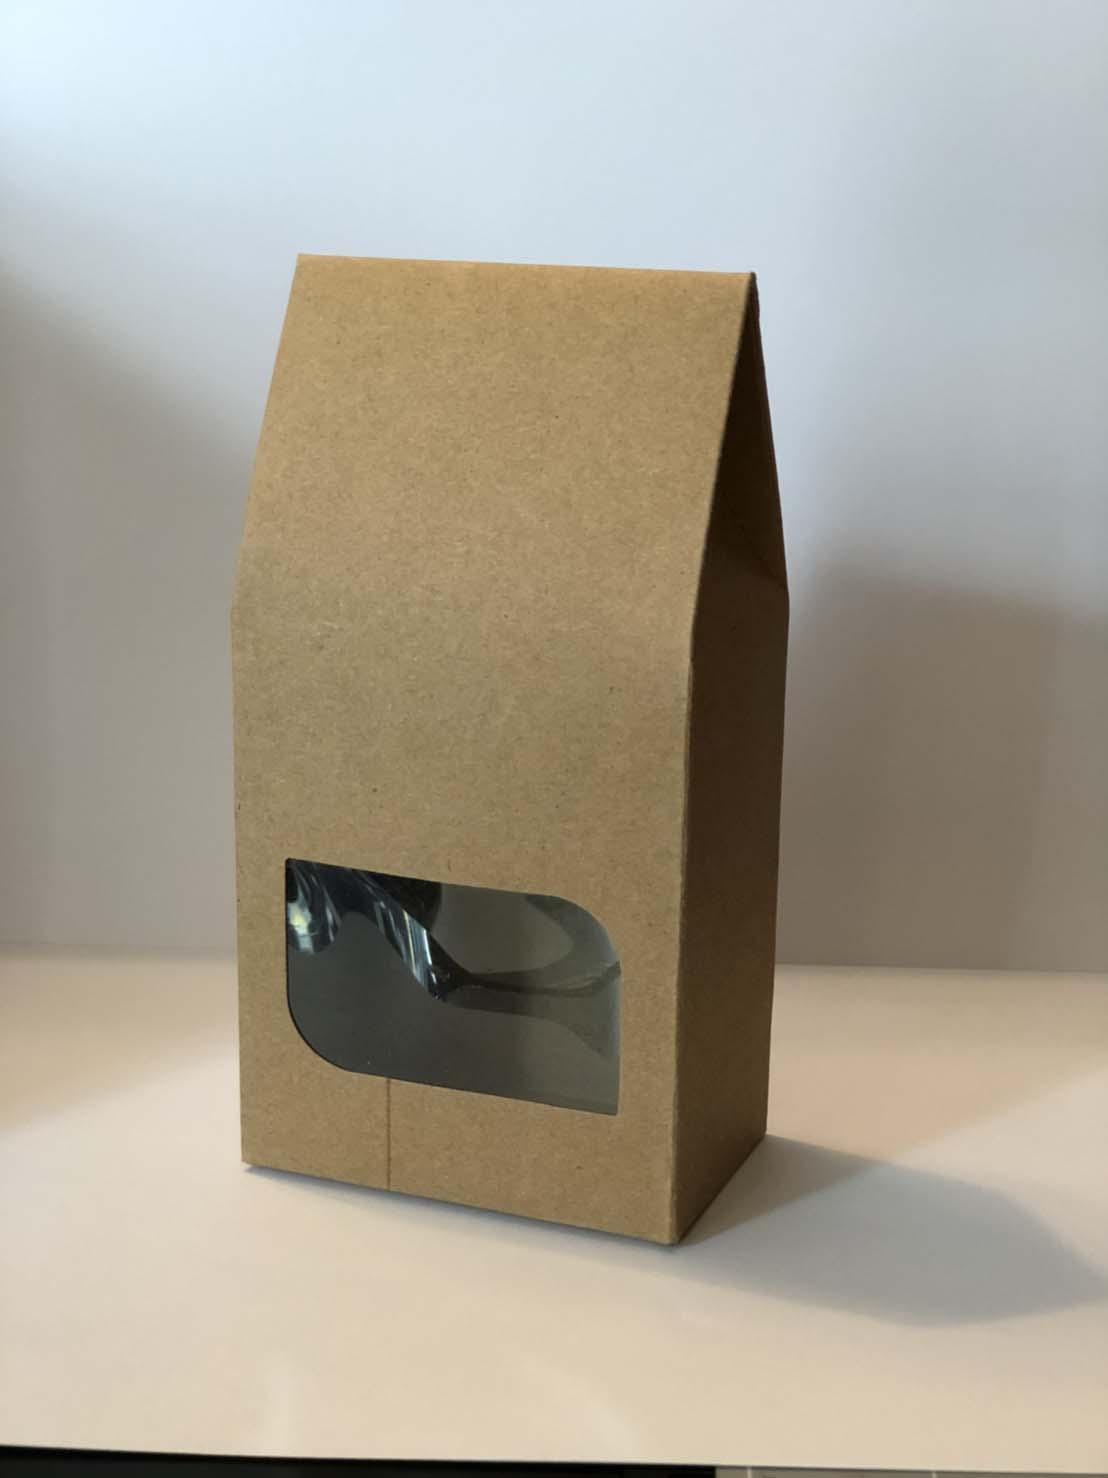 ถุงกระดาษคราฟโชว์หน้ารูปสี่เหลี่ยม ขนาด 5*8*9.5 cm. 50 ชิ้น